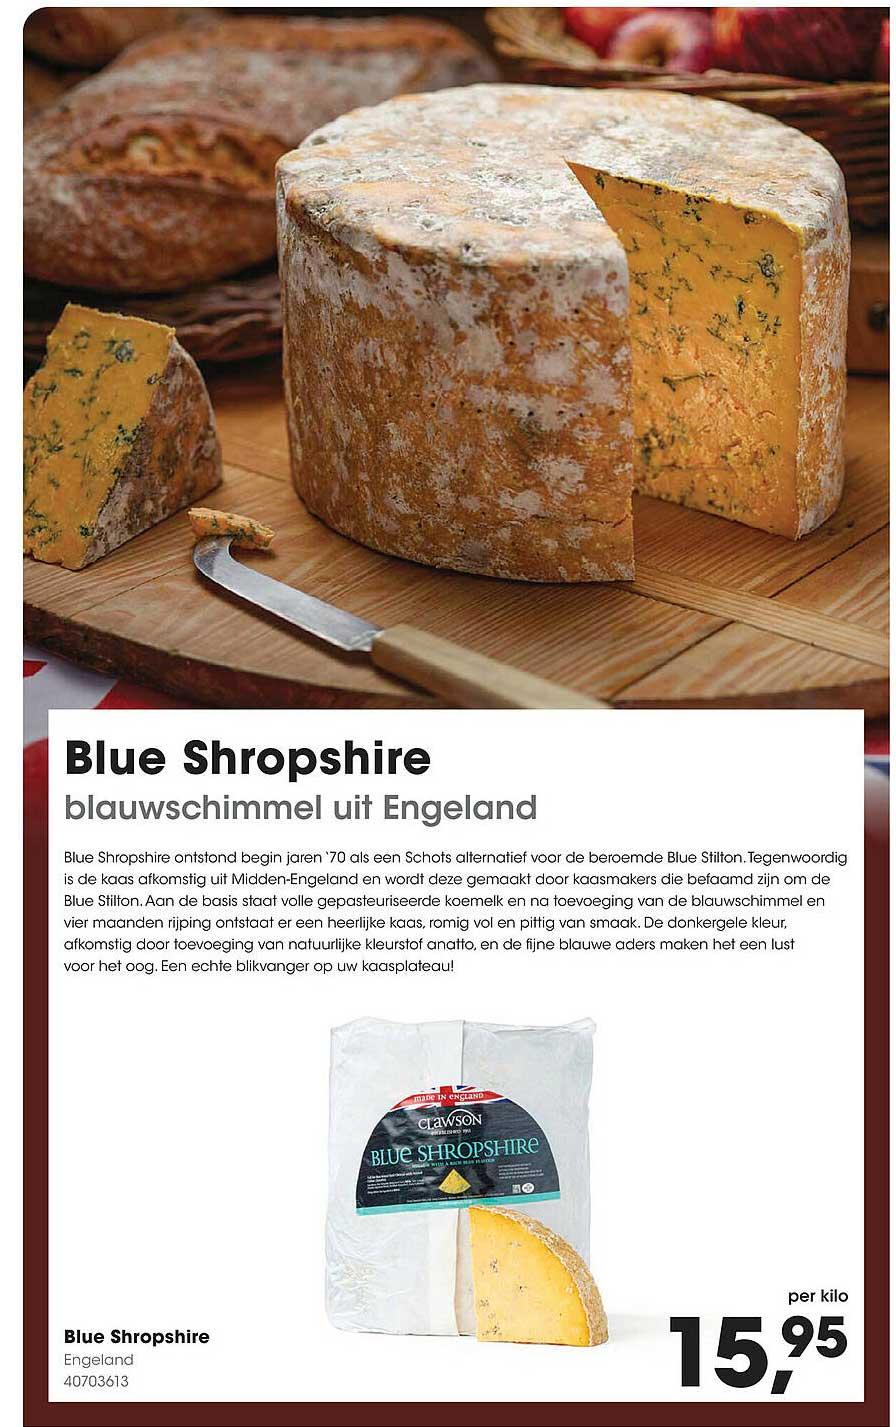 HANOS Blue Shropshire